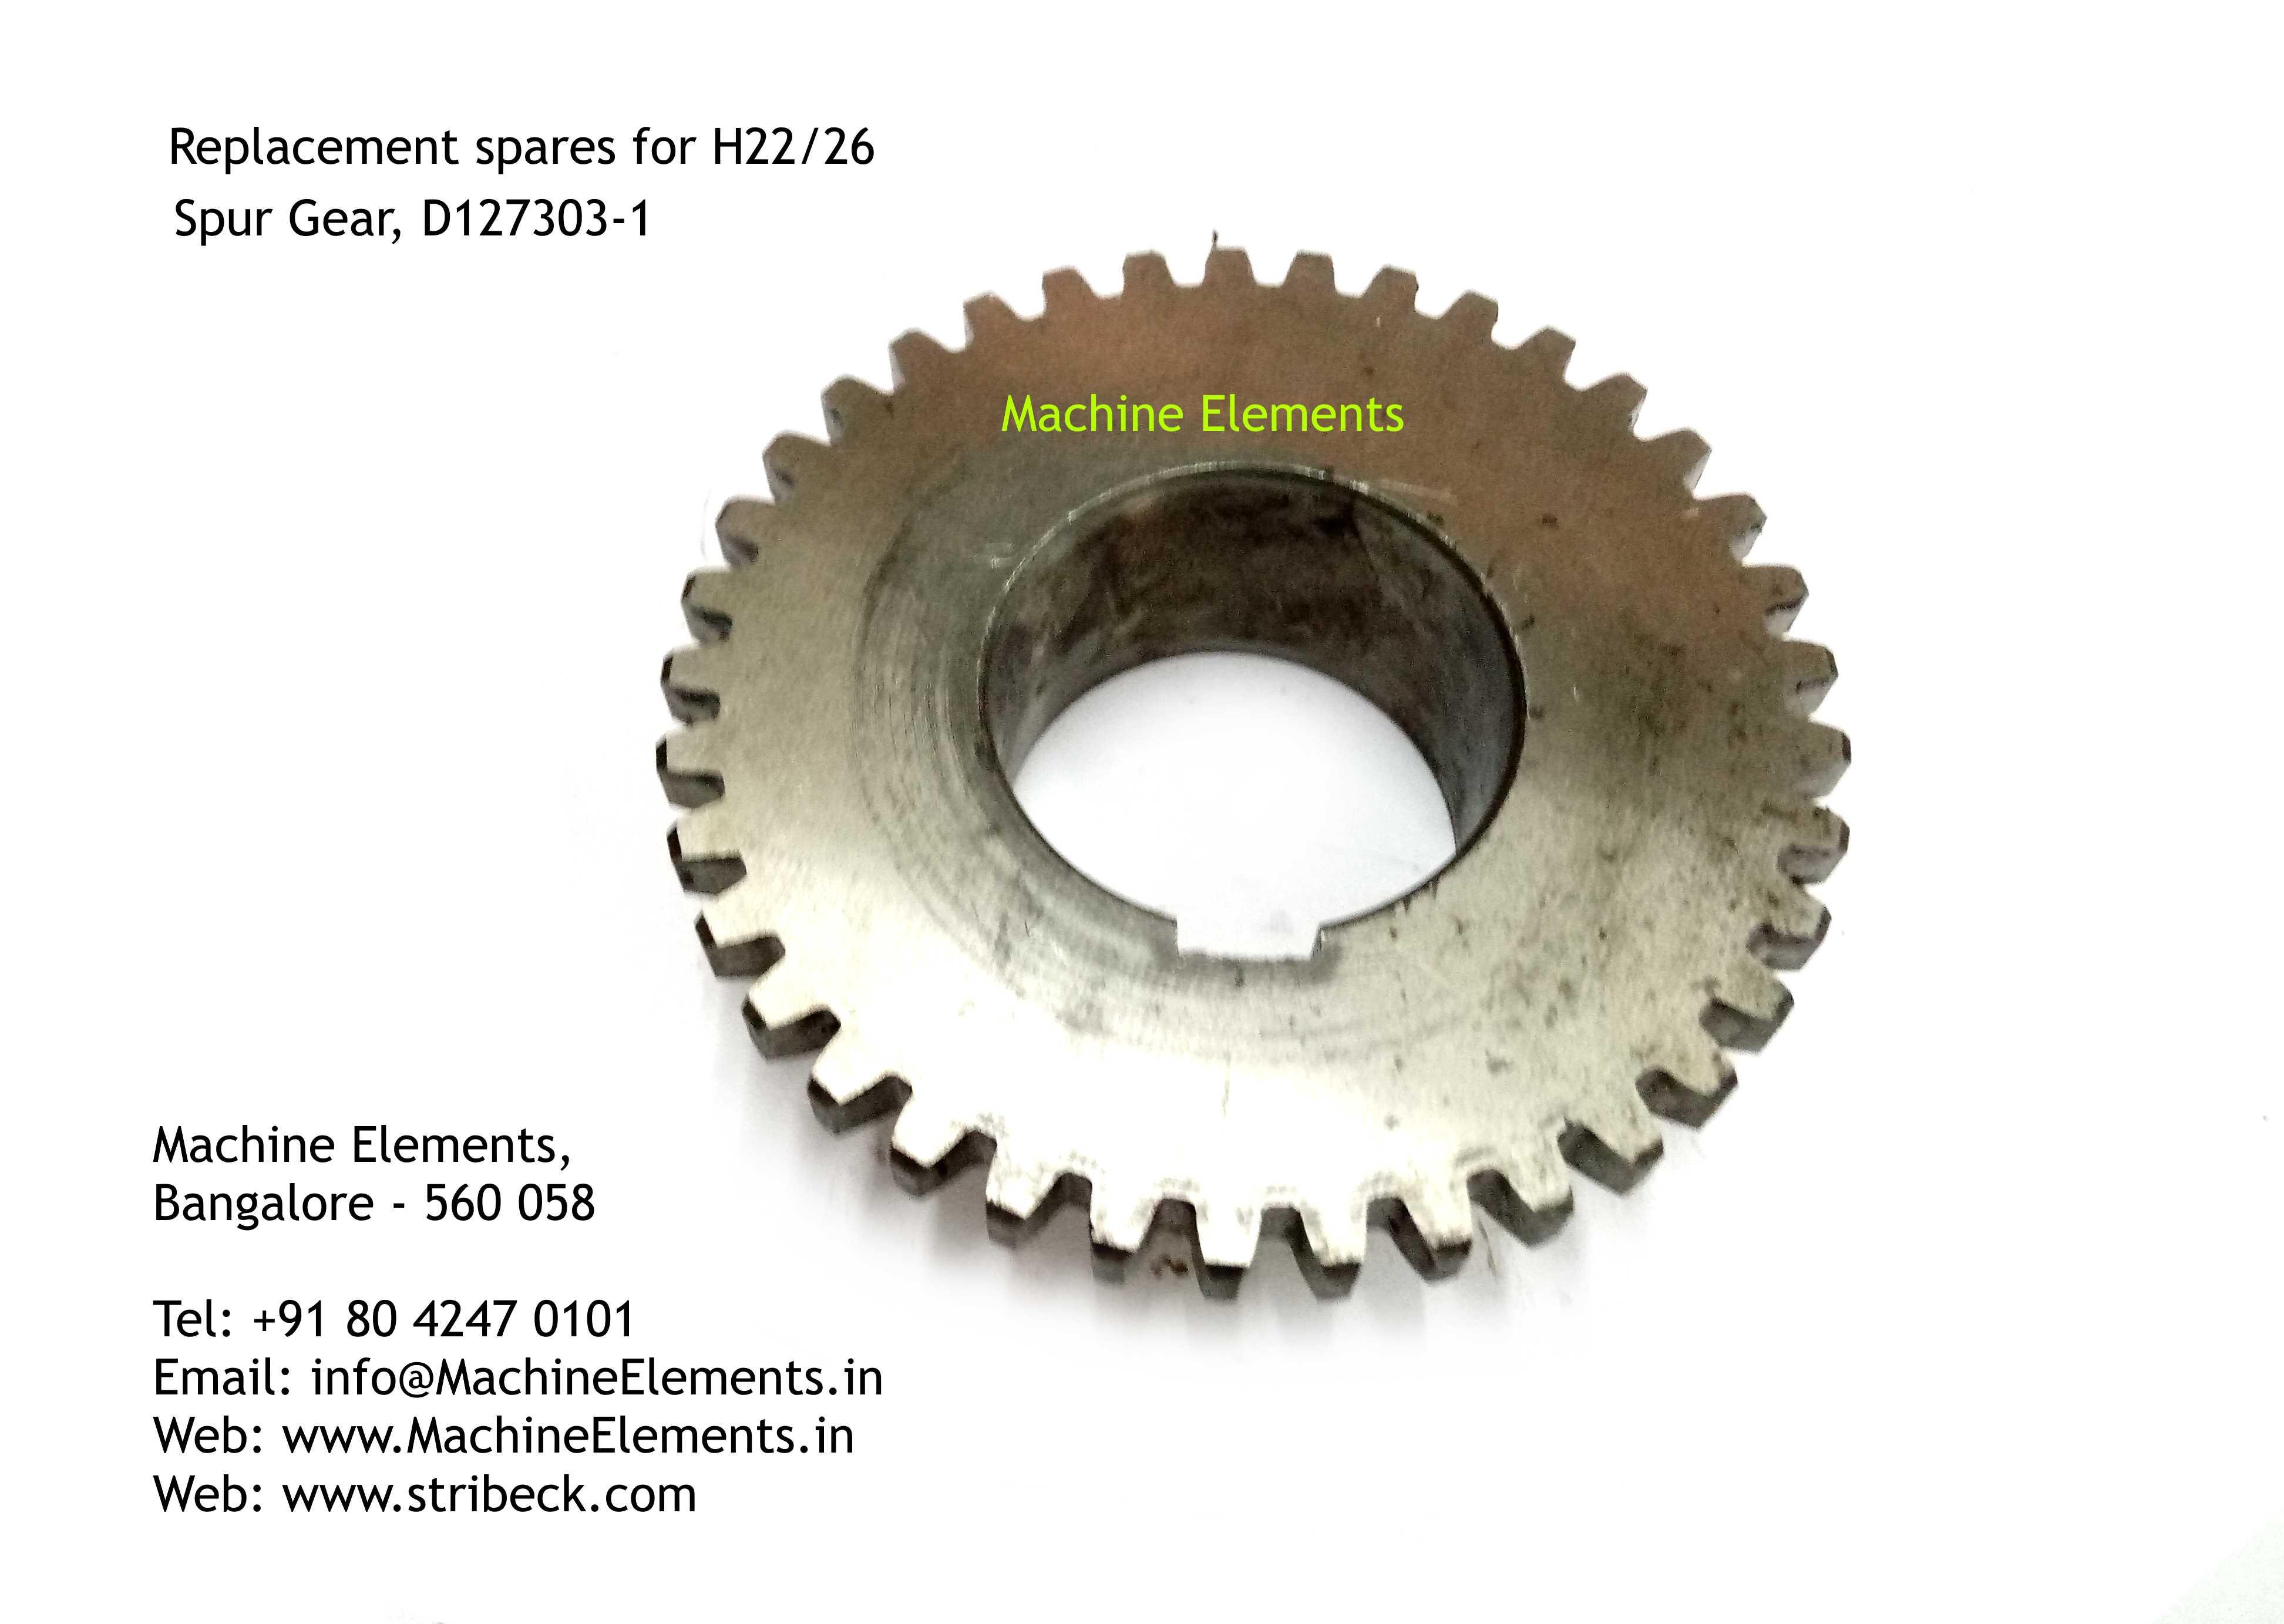 Spur Gear, D127303-1